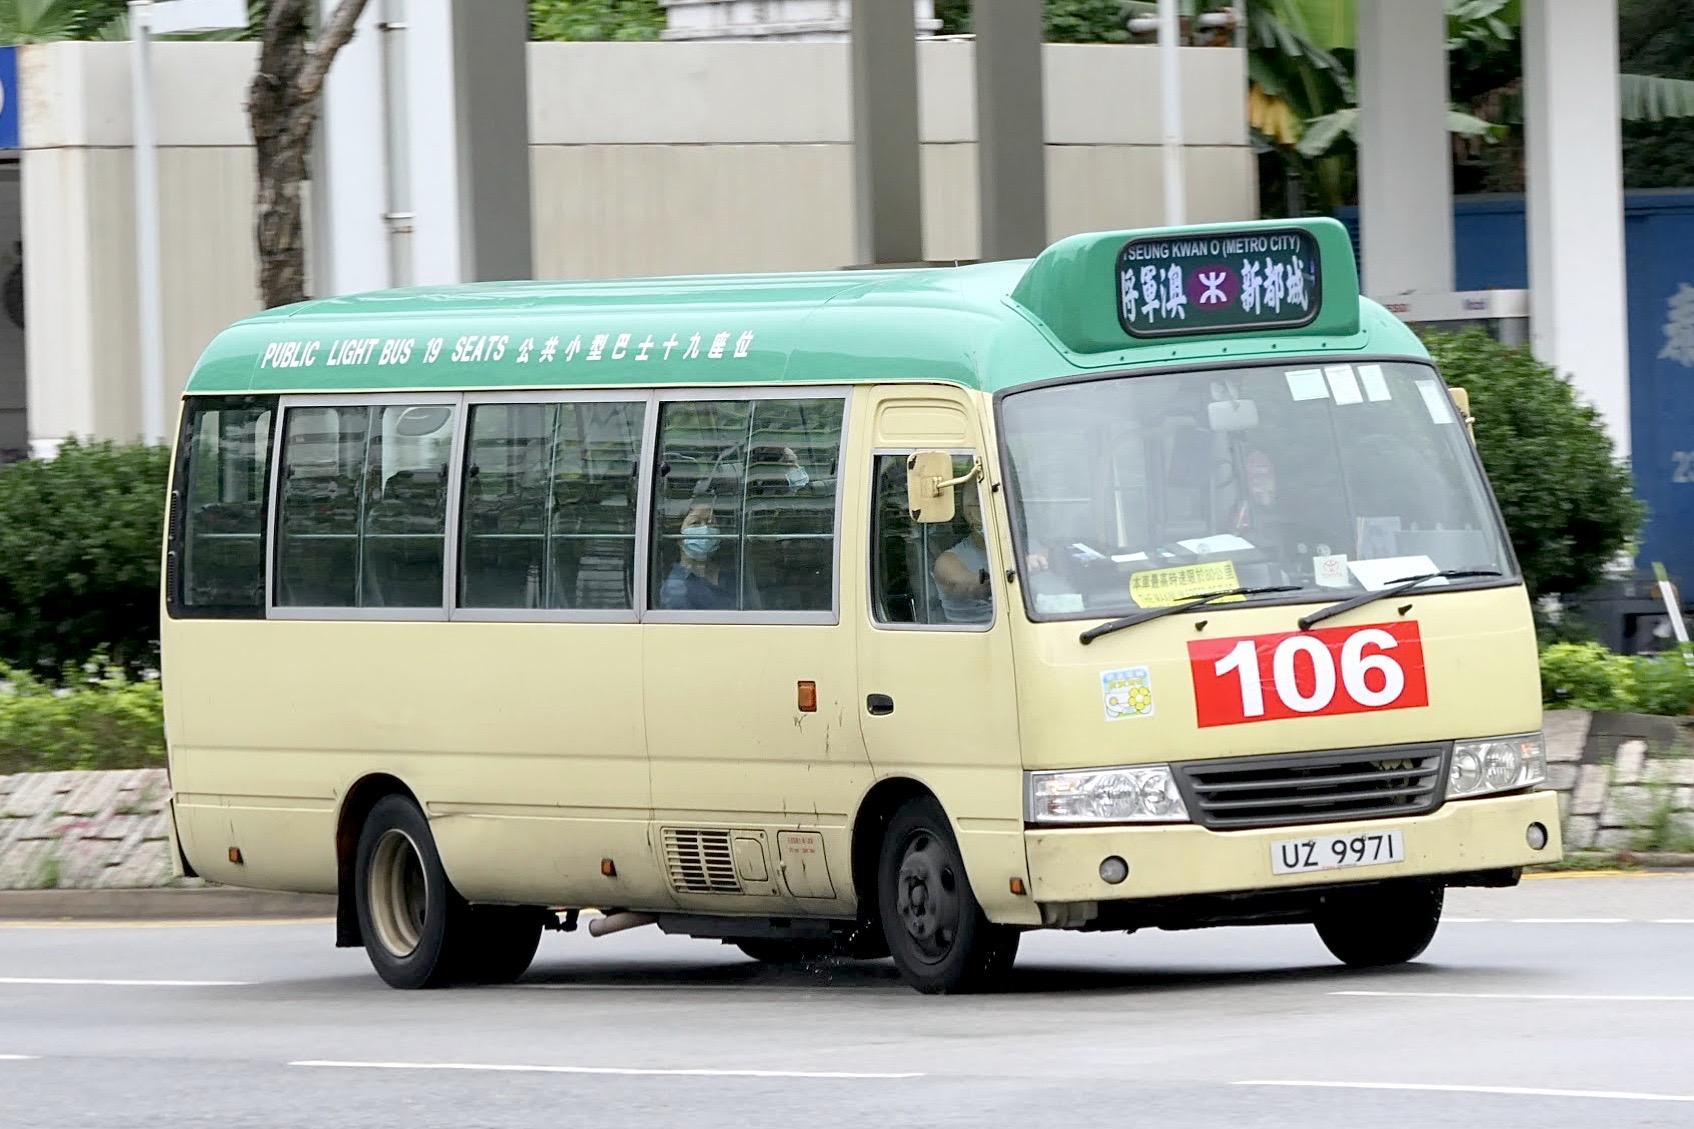 新界專綫小巴106線